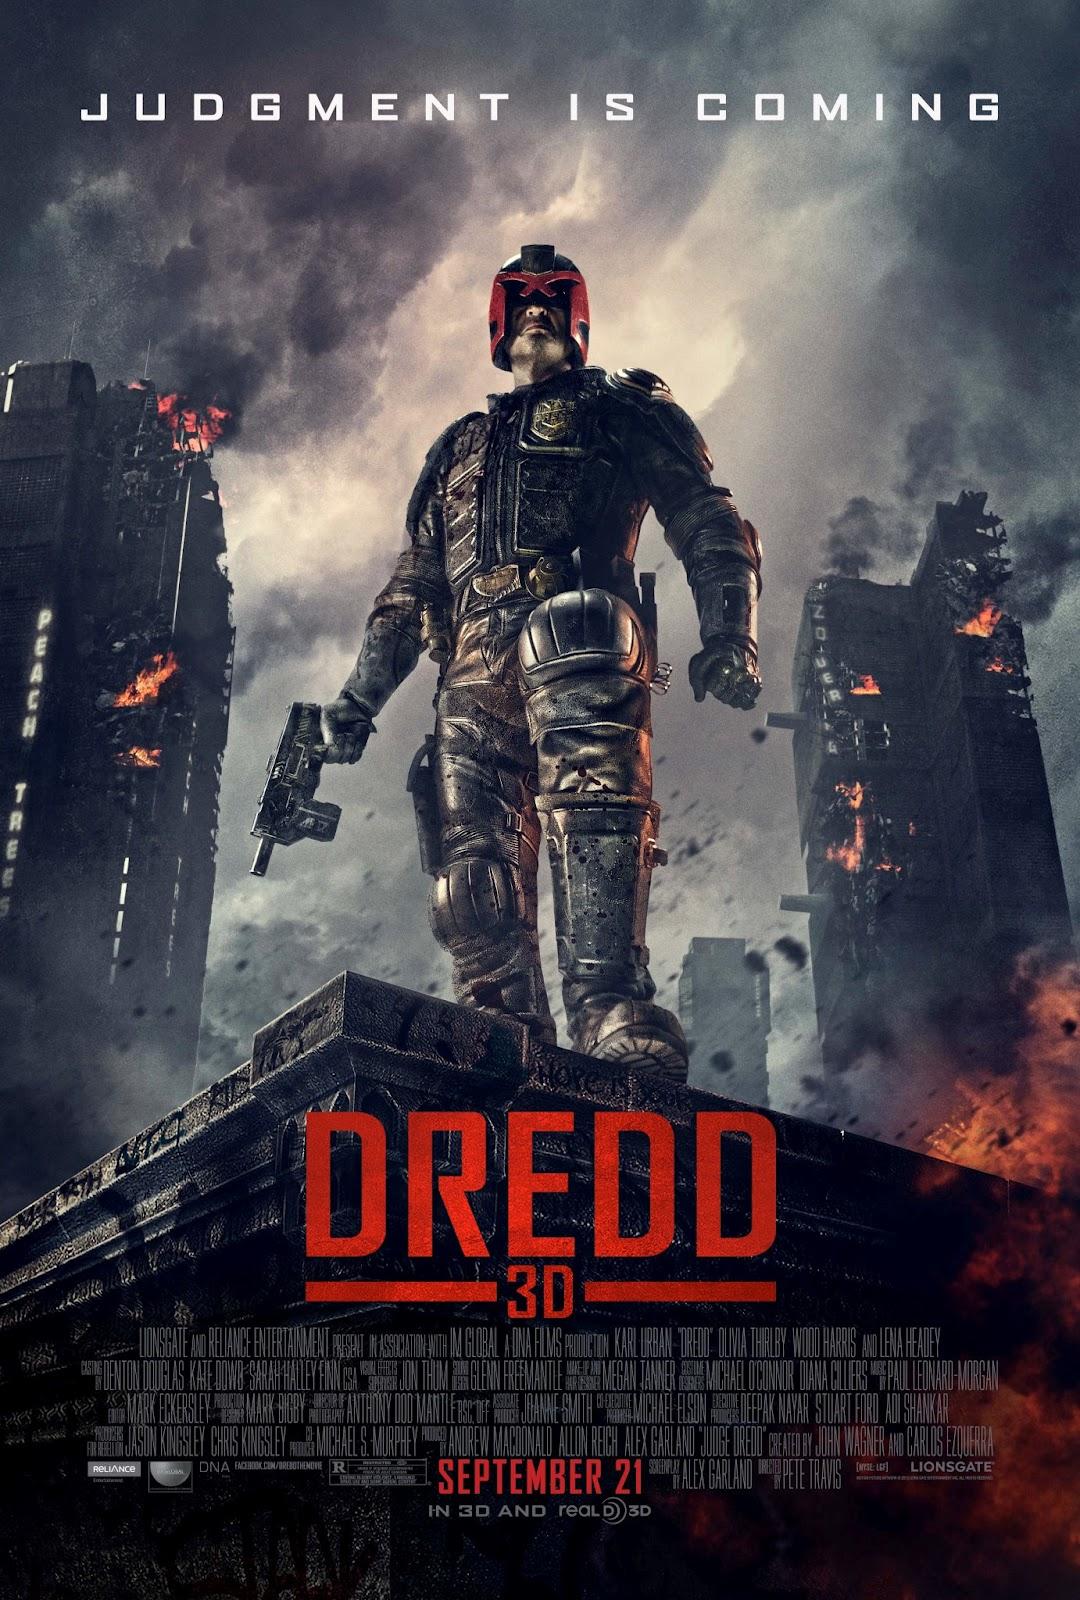 http://3.bp.blogspot.com/-QPbWNpQjm_c/UF7NQkjVmtI/AAAAAAAAAvI/nFjKDRt4fGI/s1600/dredd-movie-poster.jpg